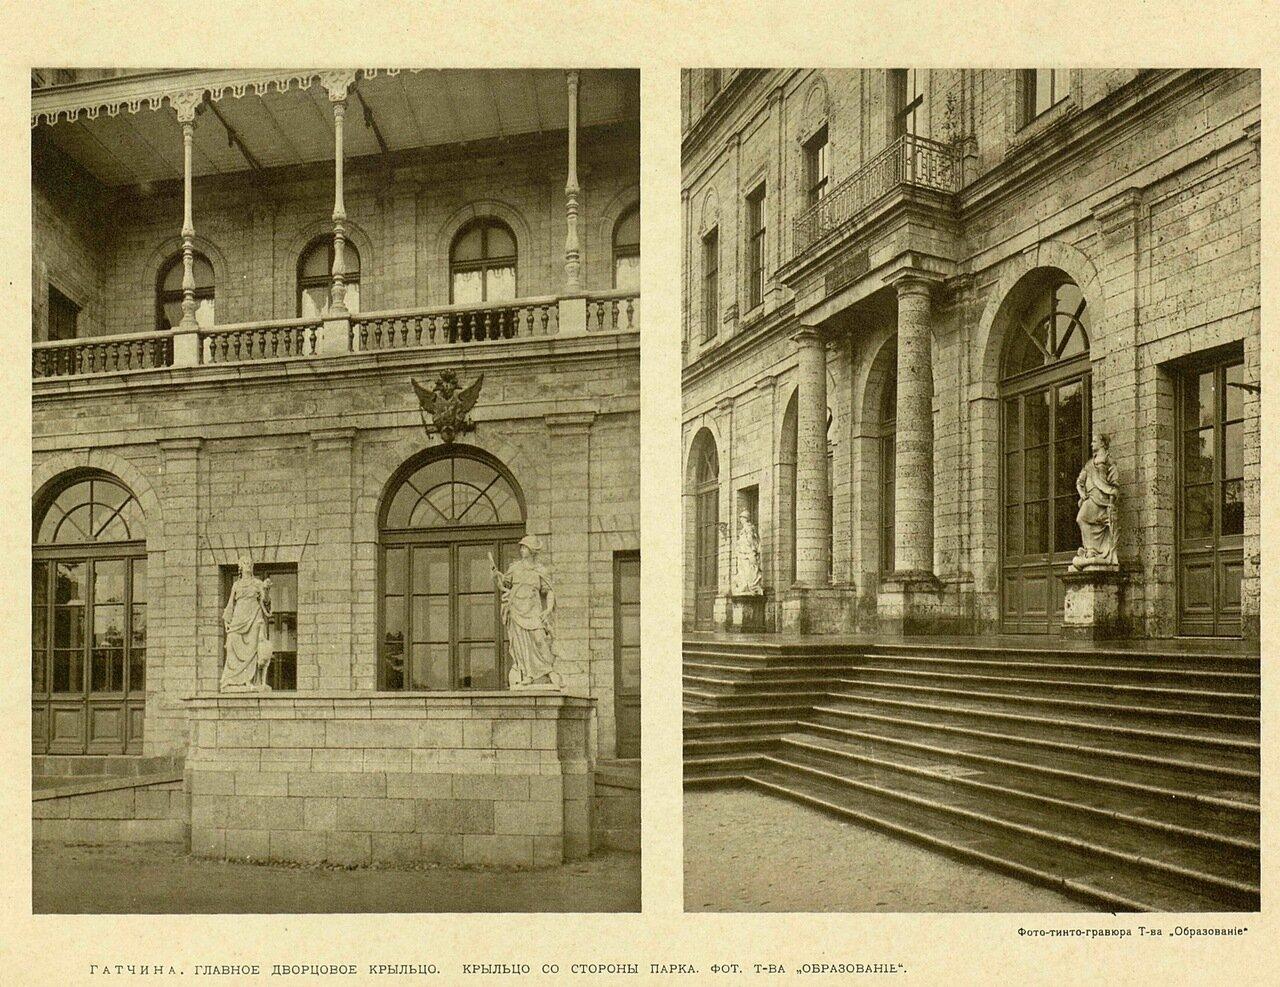 Главное дворцовое крыльцо. Крыльцо со стороны парка